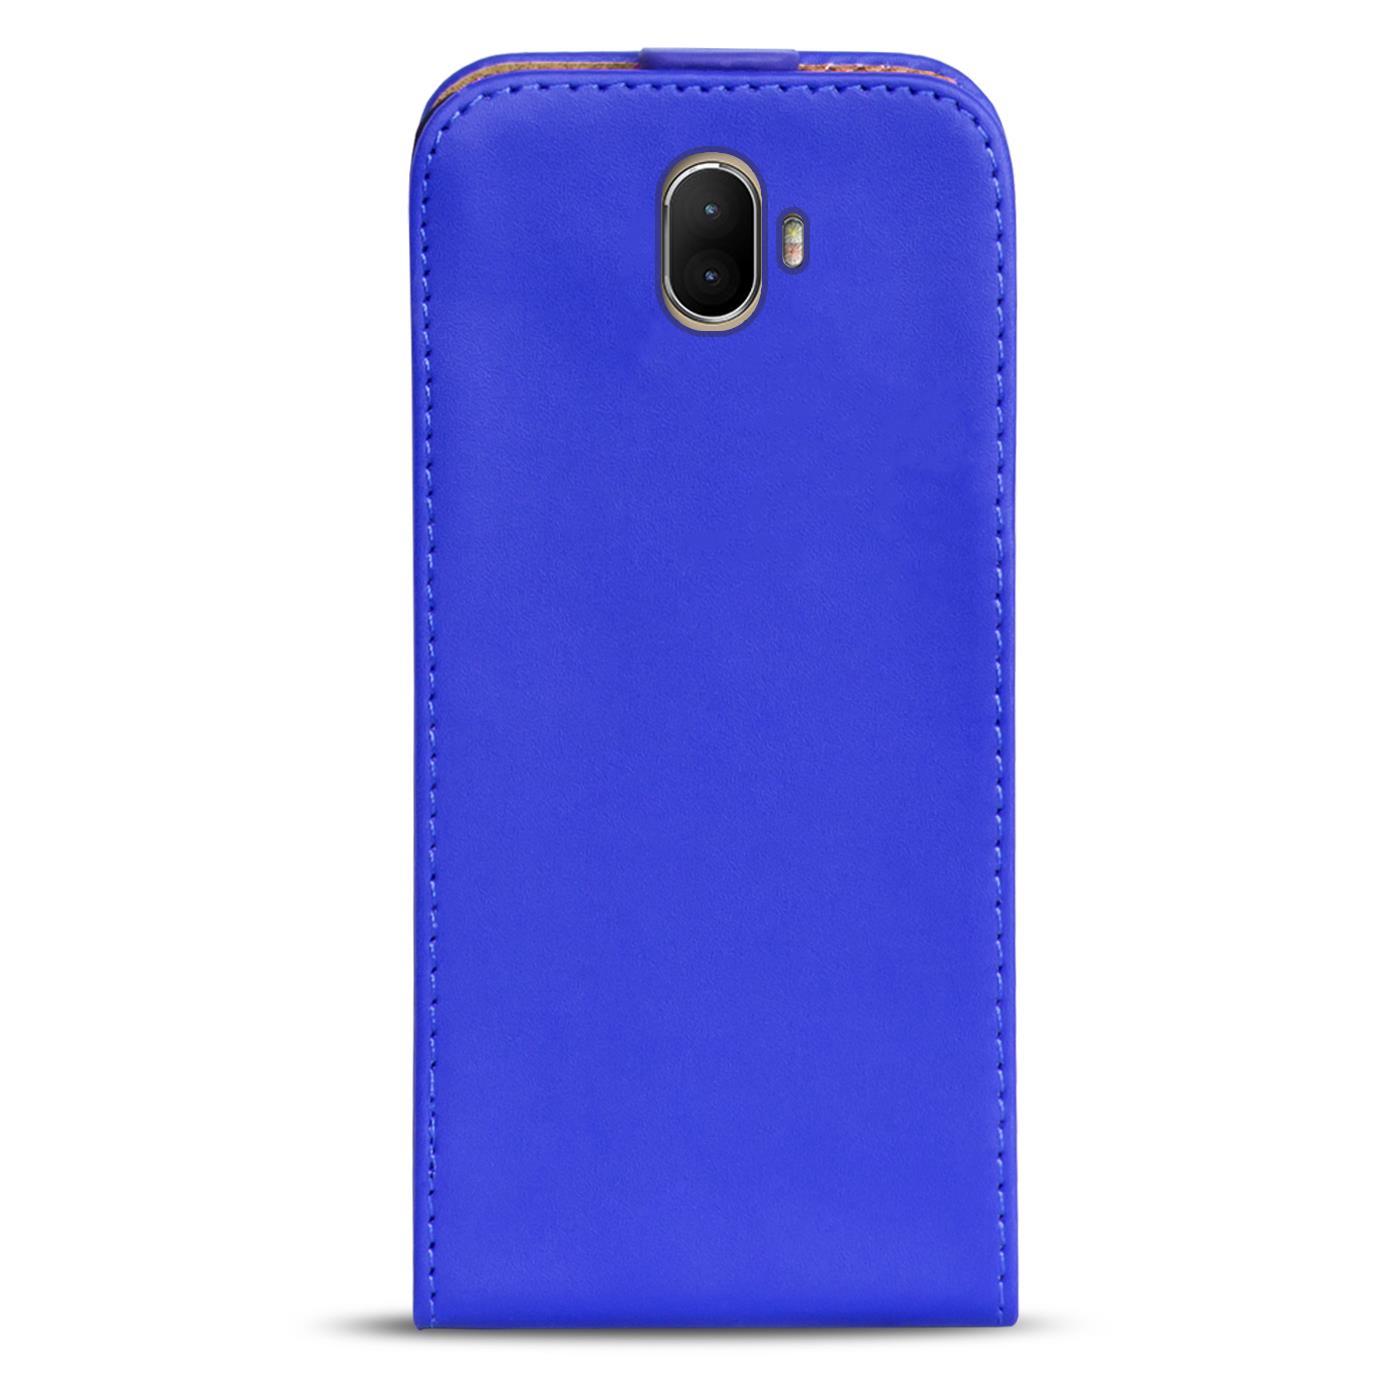 Schutzhülle für Wiko Flip Case Handy Schutz Cover Hülle Etui Tasche Klapphülle